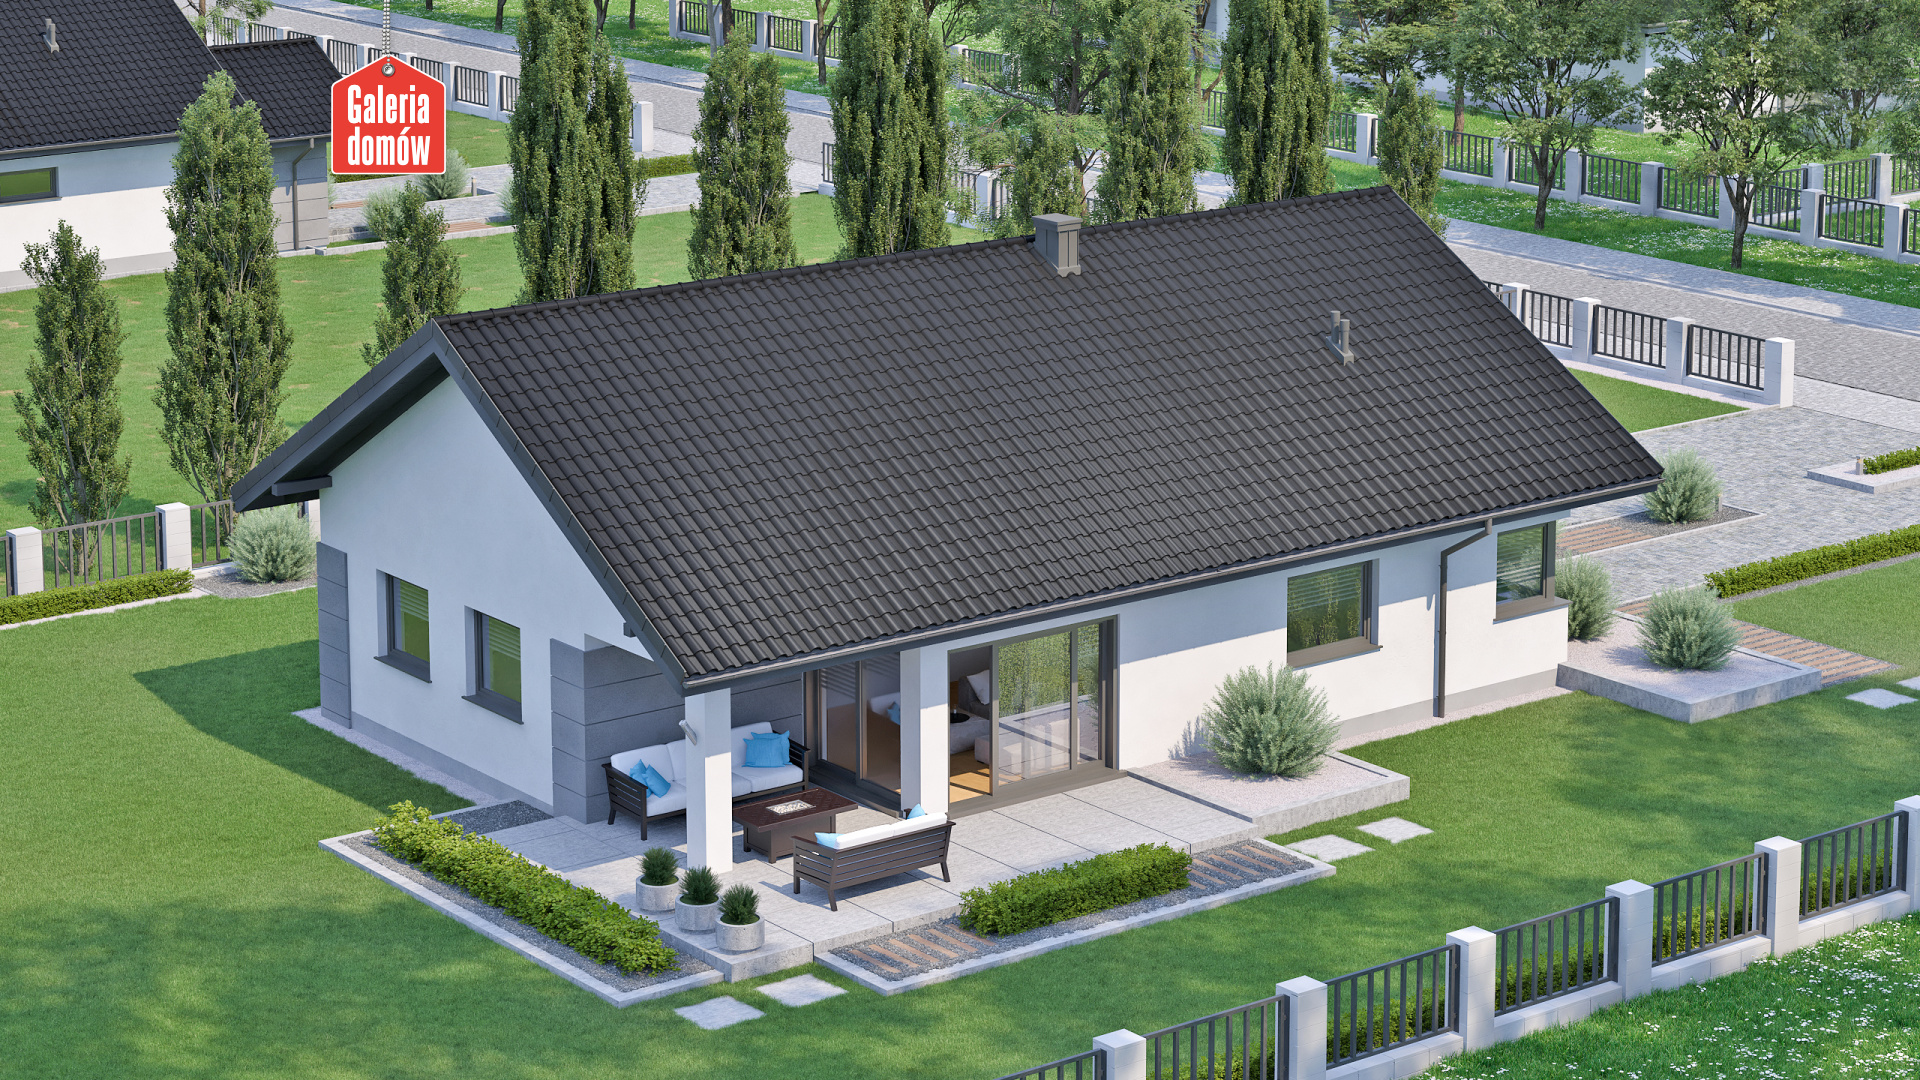 Dom przy Pastelowej 17 D bis - zdjęcie projektu i wizualizacja